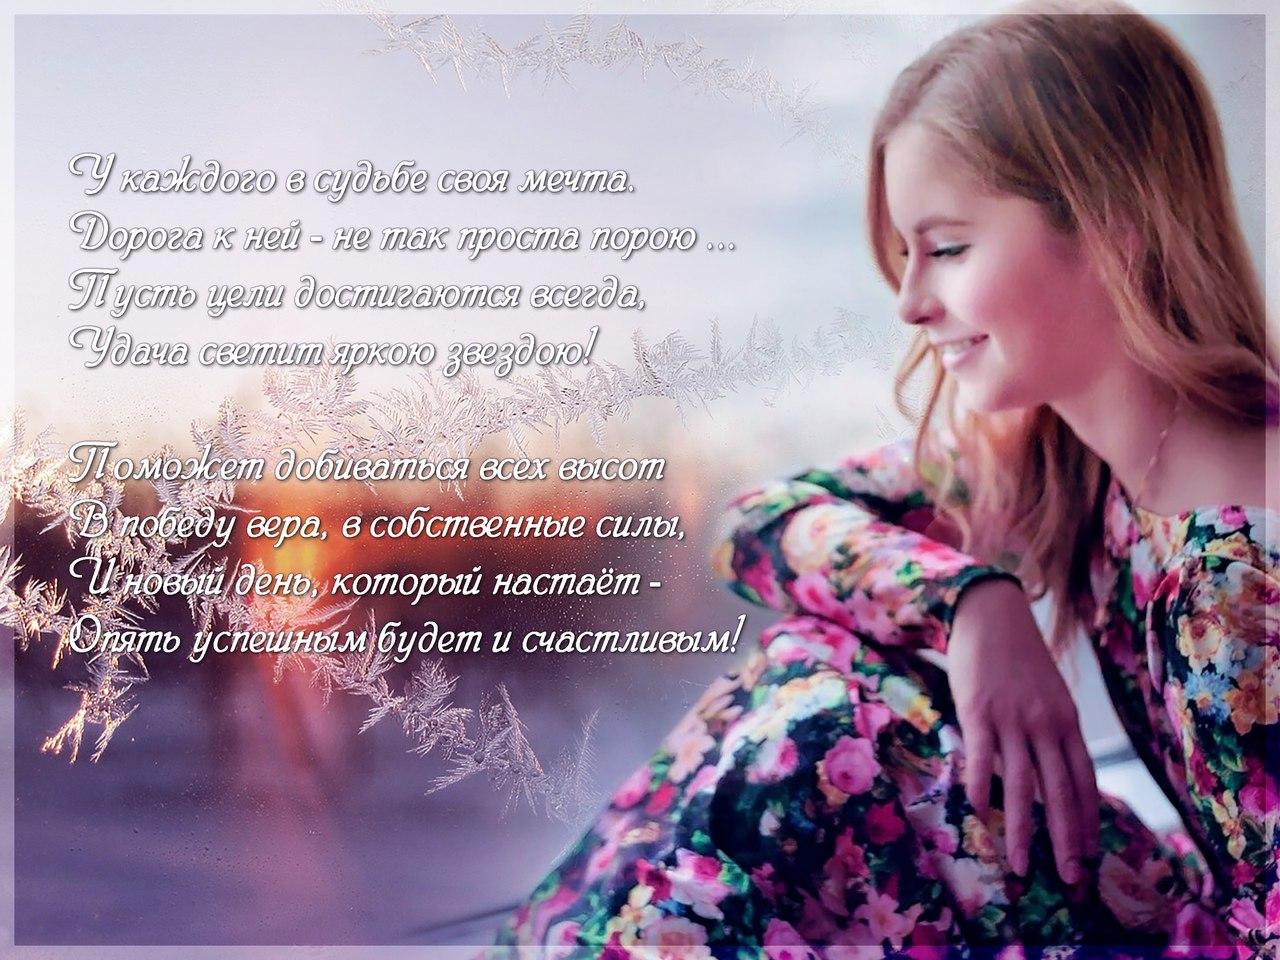 Юлия Липницкая - 5 - Страница 15 9O15M6foCaM